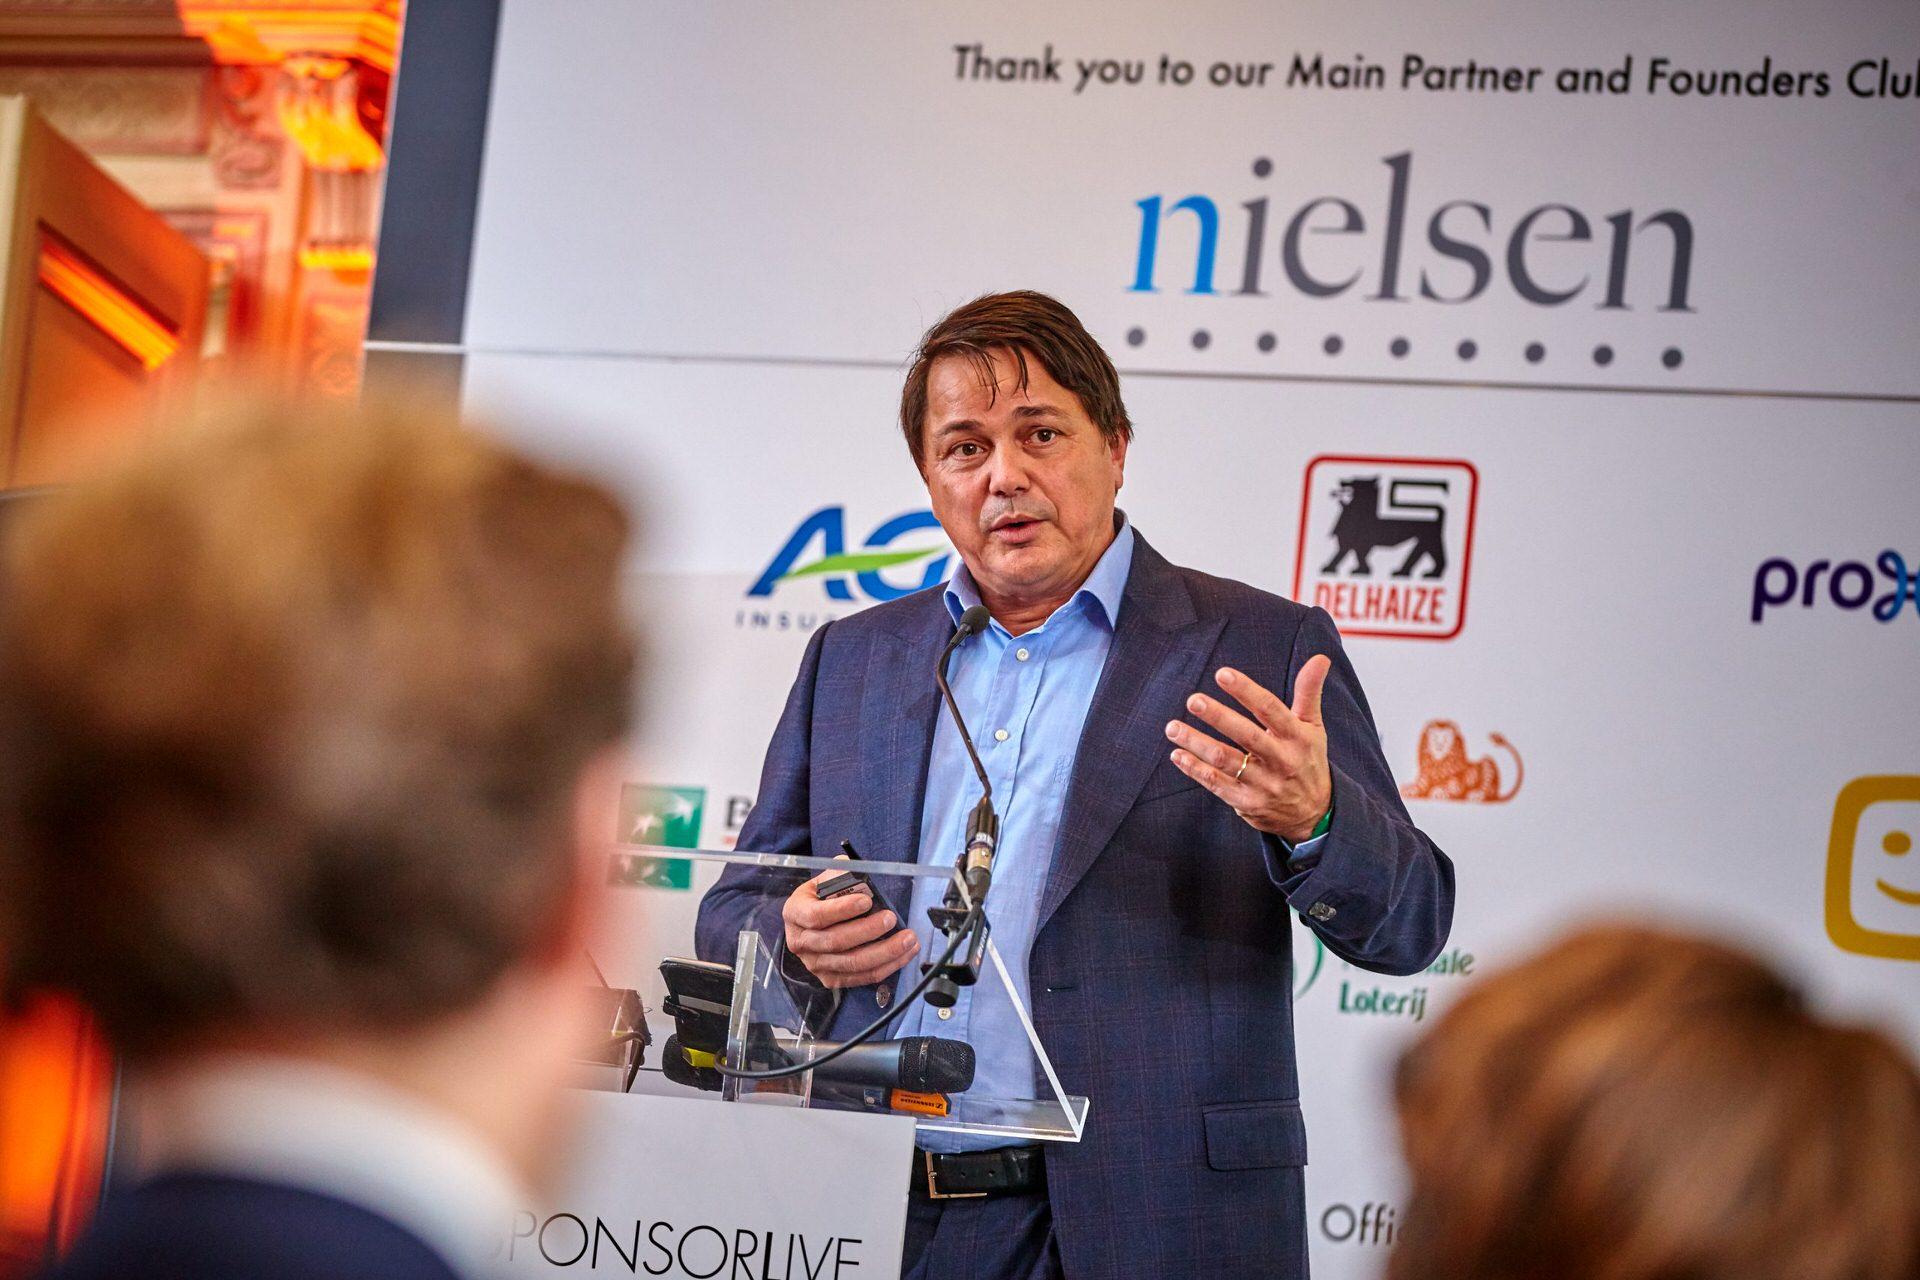 Speaker at SponsorLive 2017